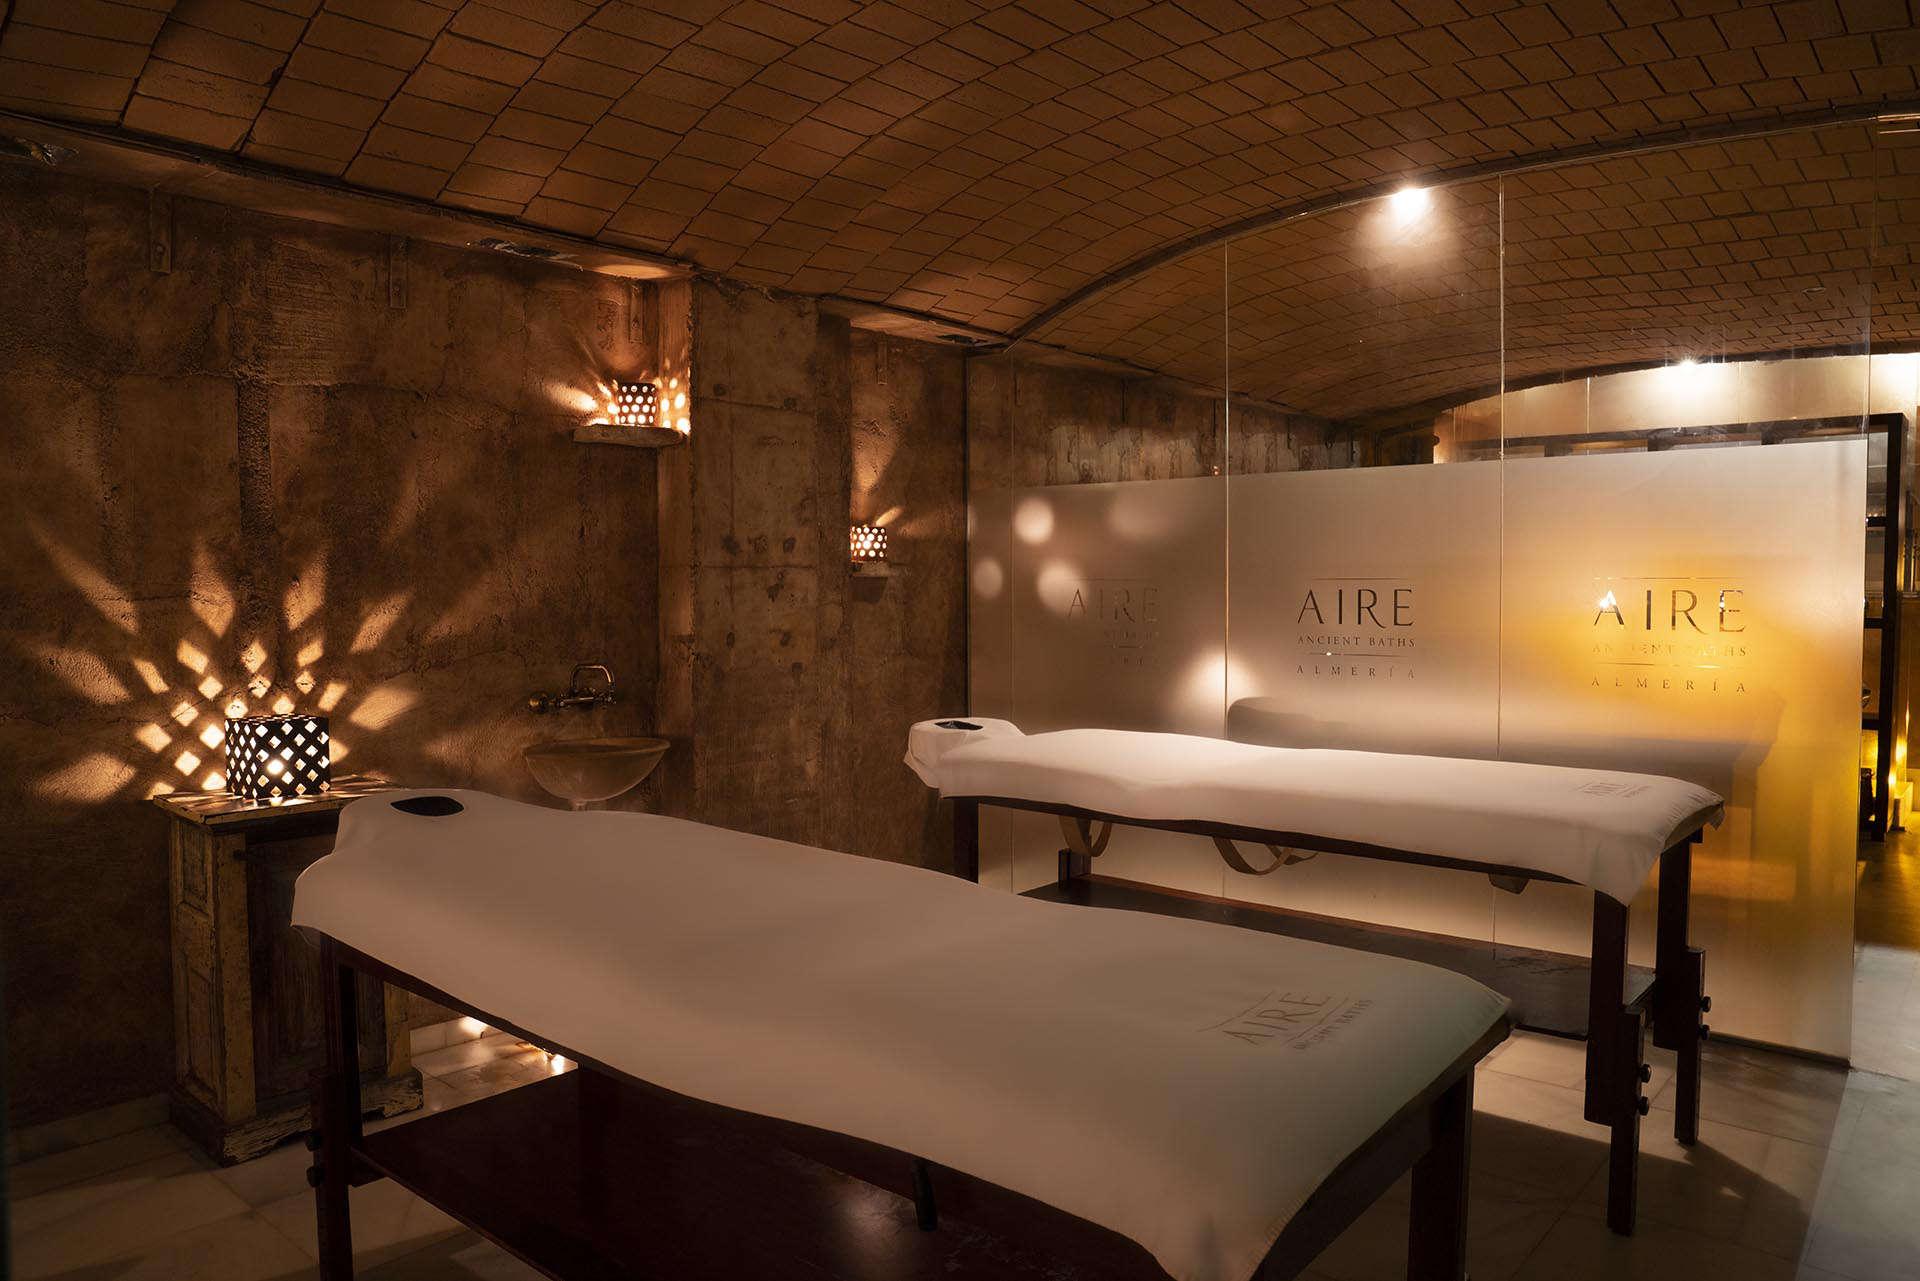 massage beds in the Aire Spa Almeria